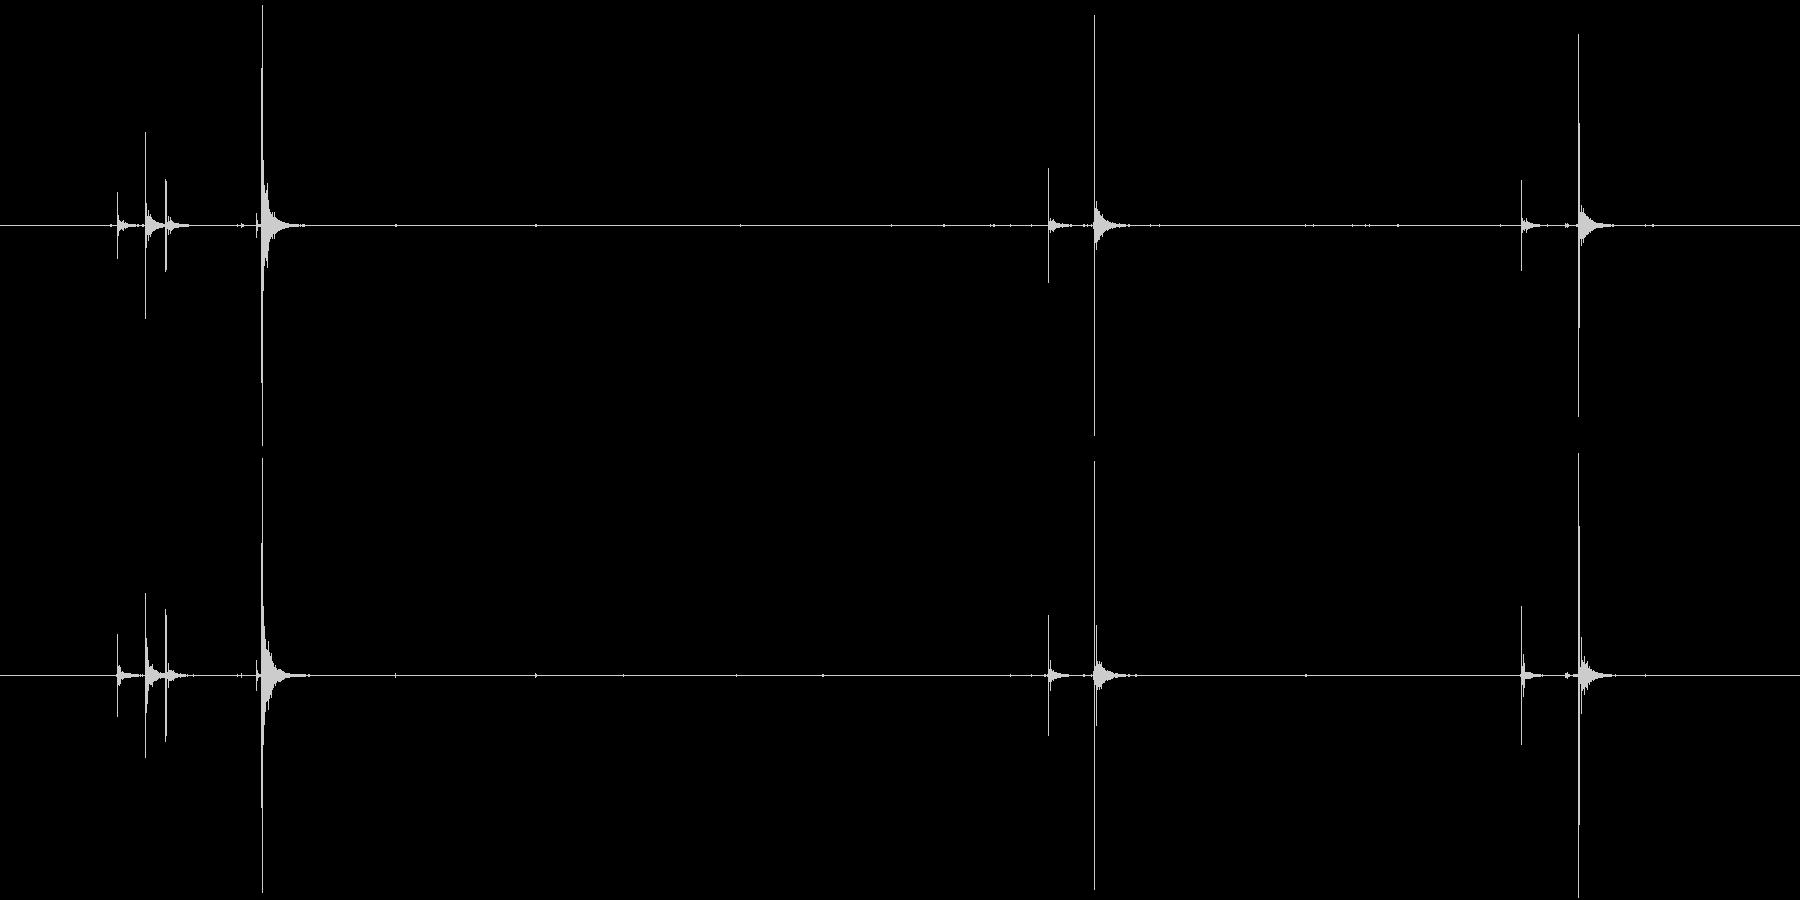 ボールペンのカチカチ音の未再生の波形